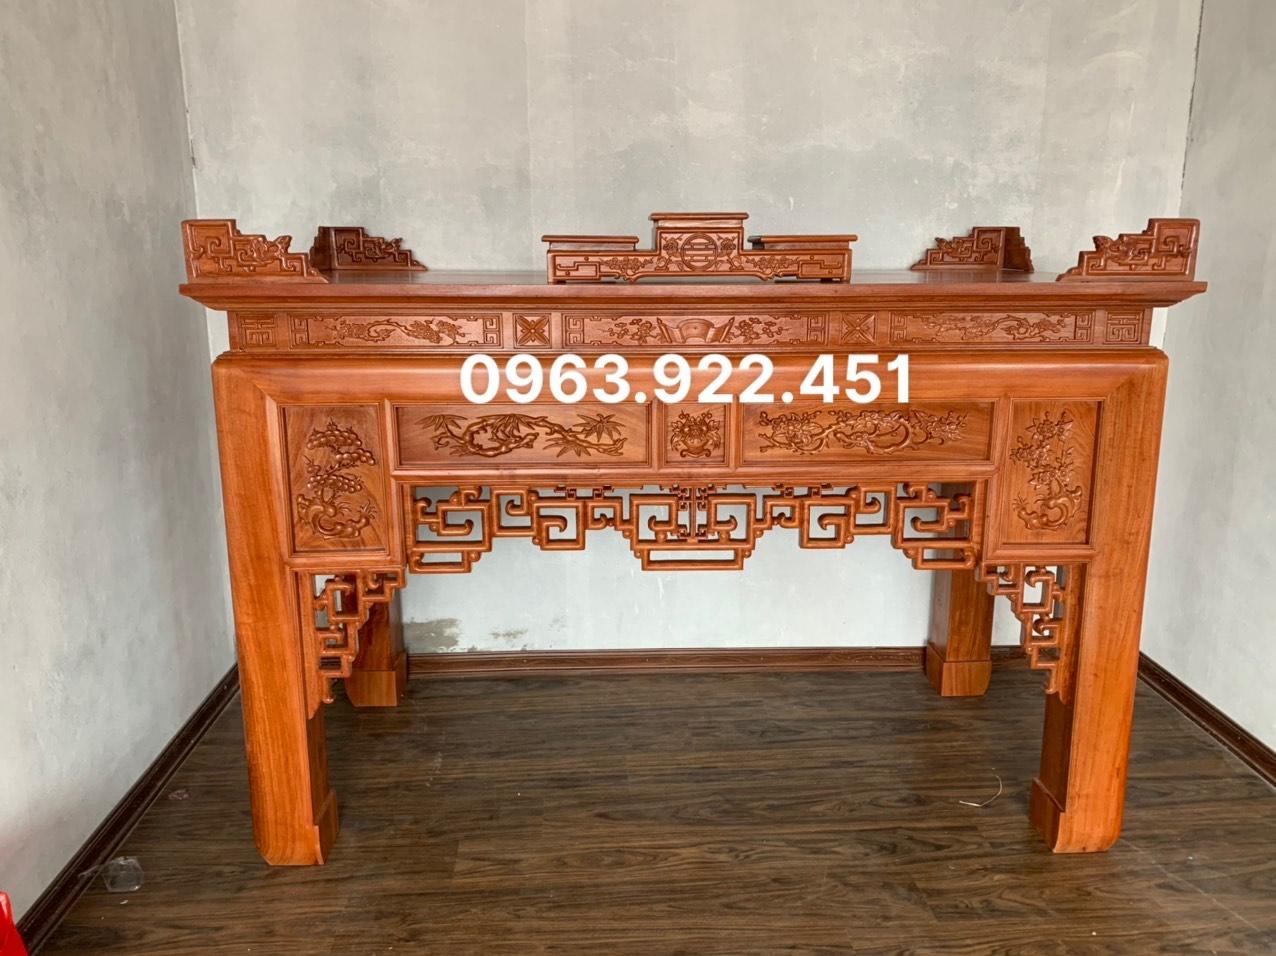 bo an gian tho - Án gian thờ gỗ hương đá chân 14 mẫu đục 5 ô (hàng đặt)